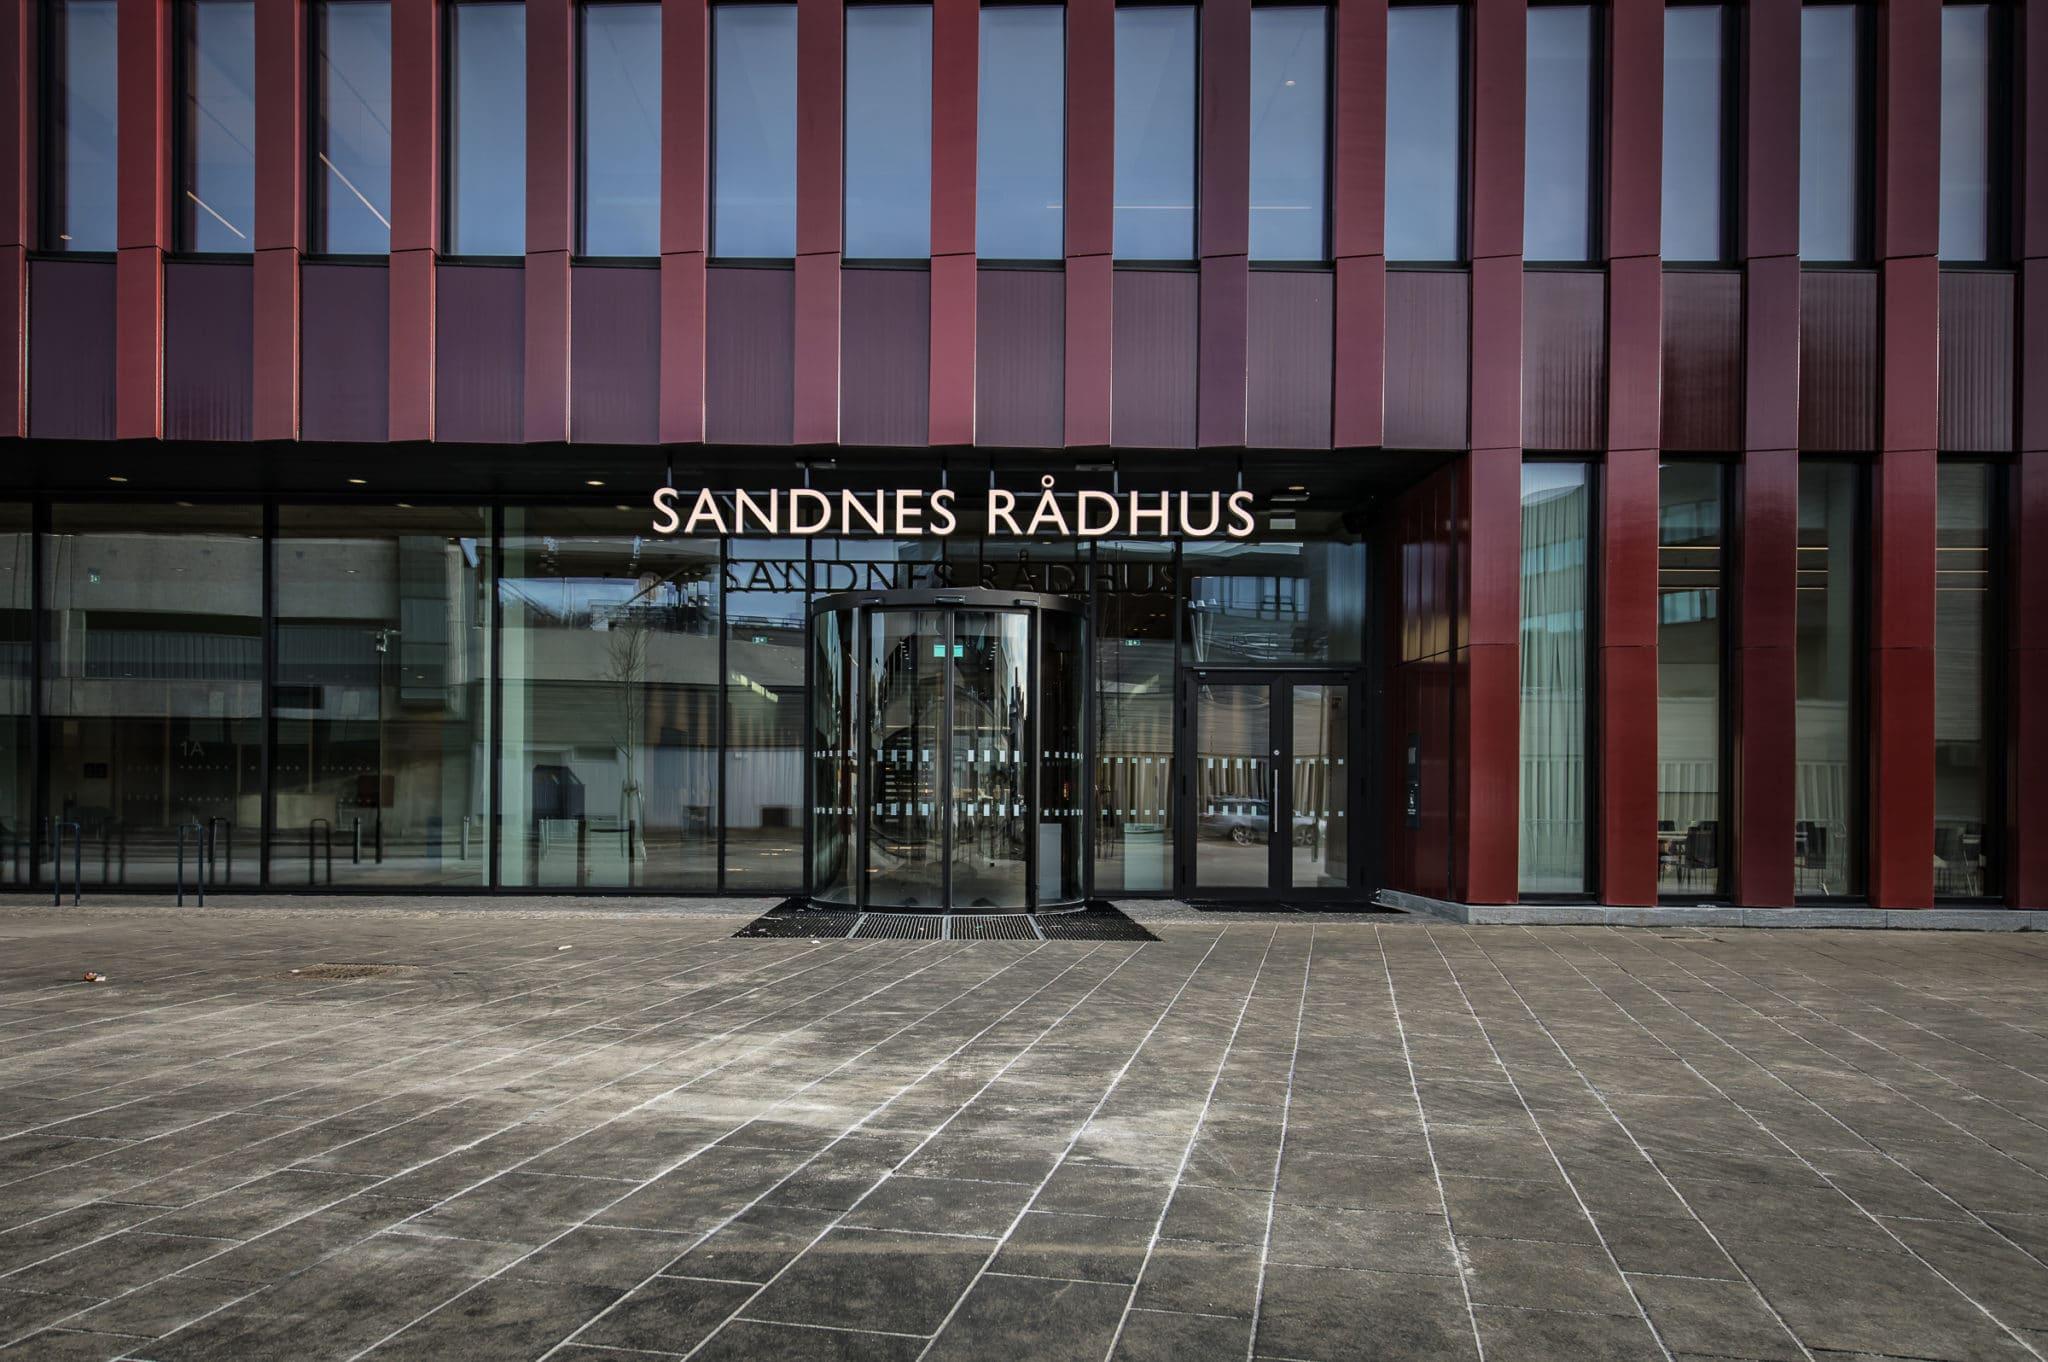 Sandnes Rådhus. Aarsland. Foto: Sandnes Rådhus.